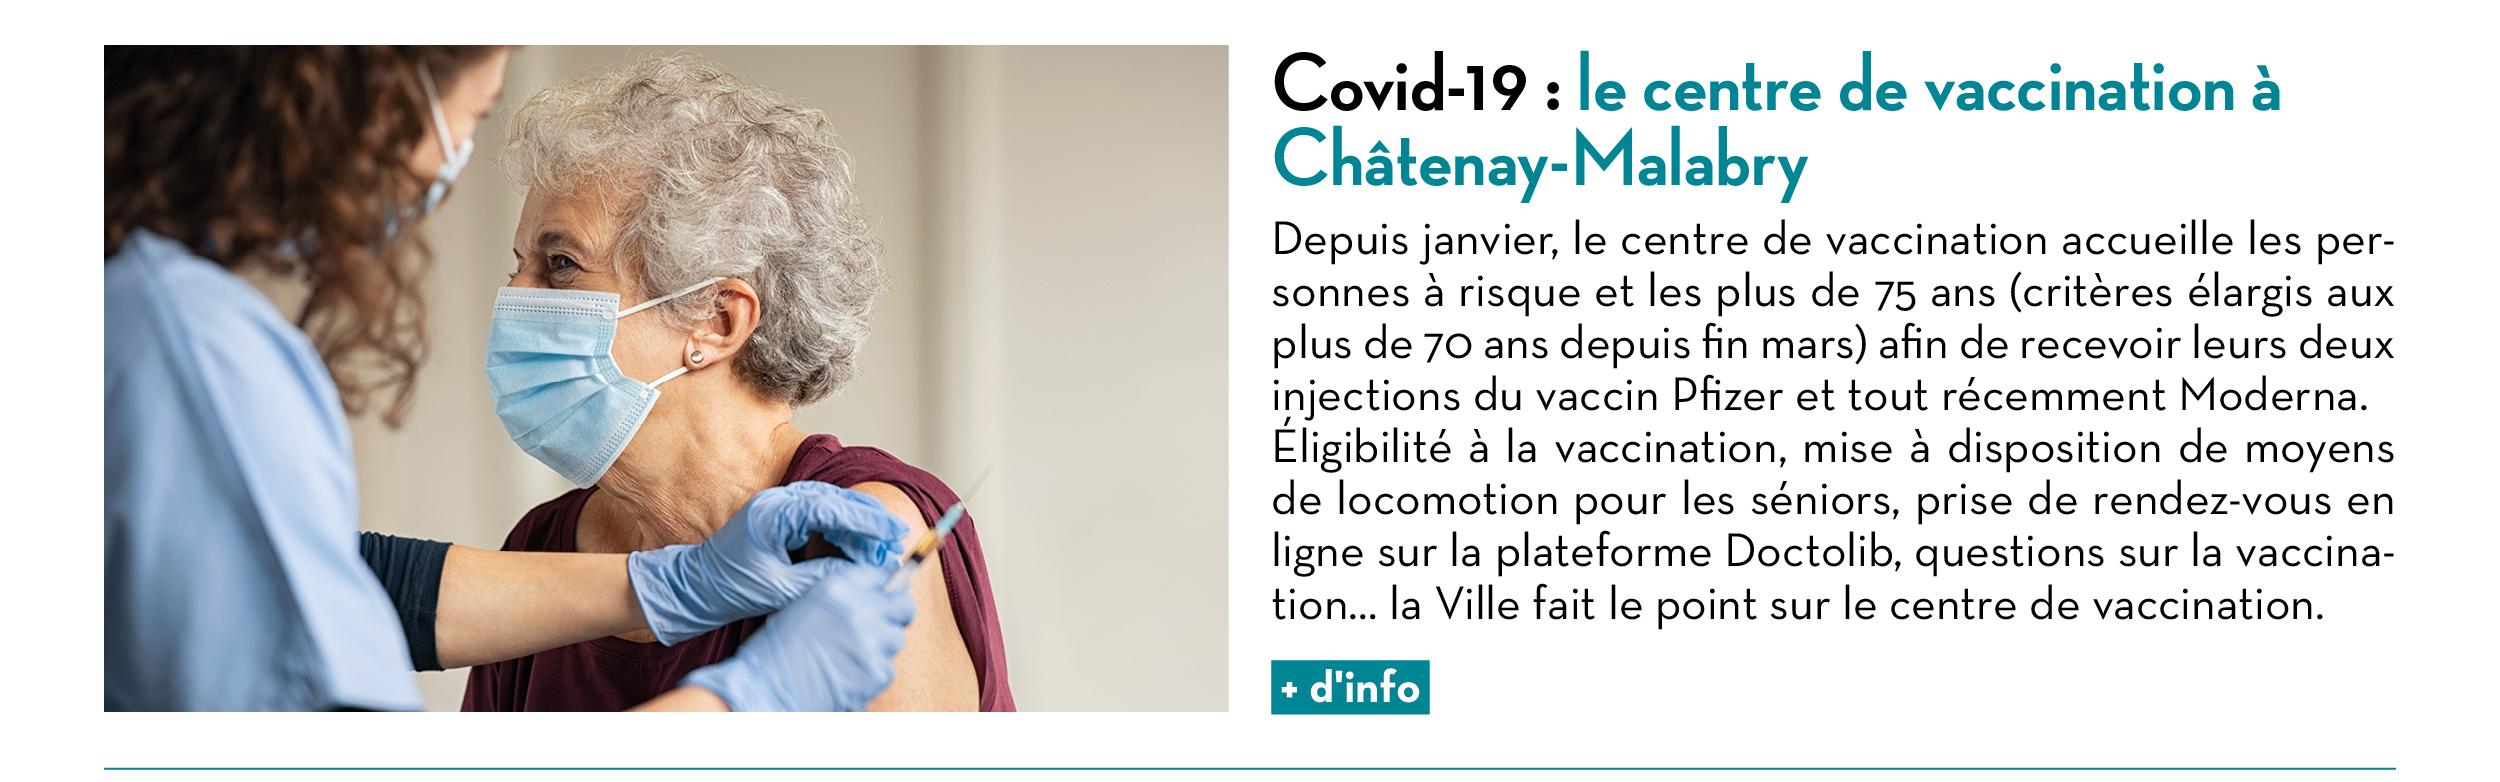 Covid-19 : le centre de vaccination à Châtenay-Malabry